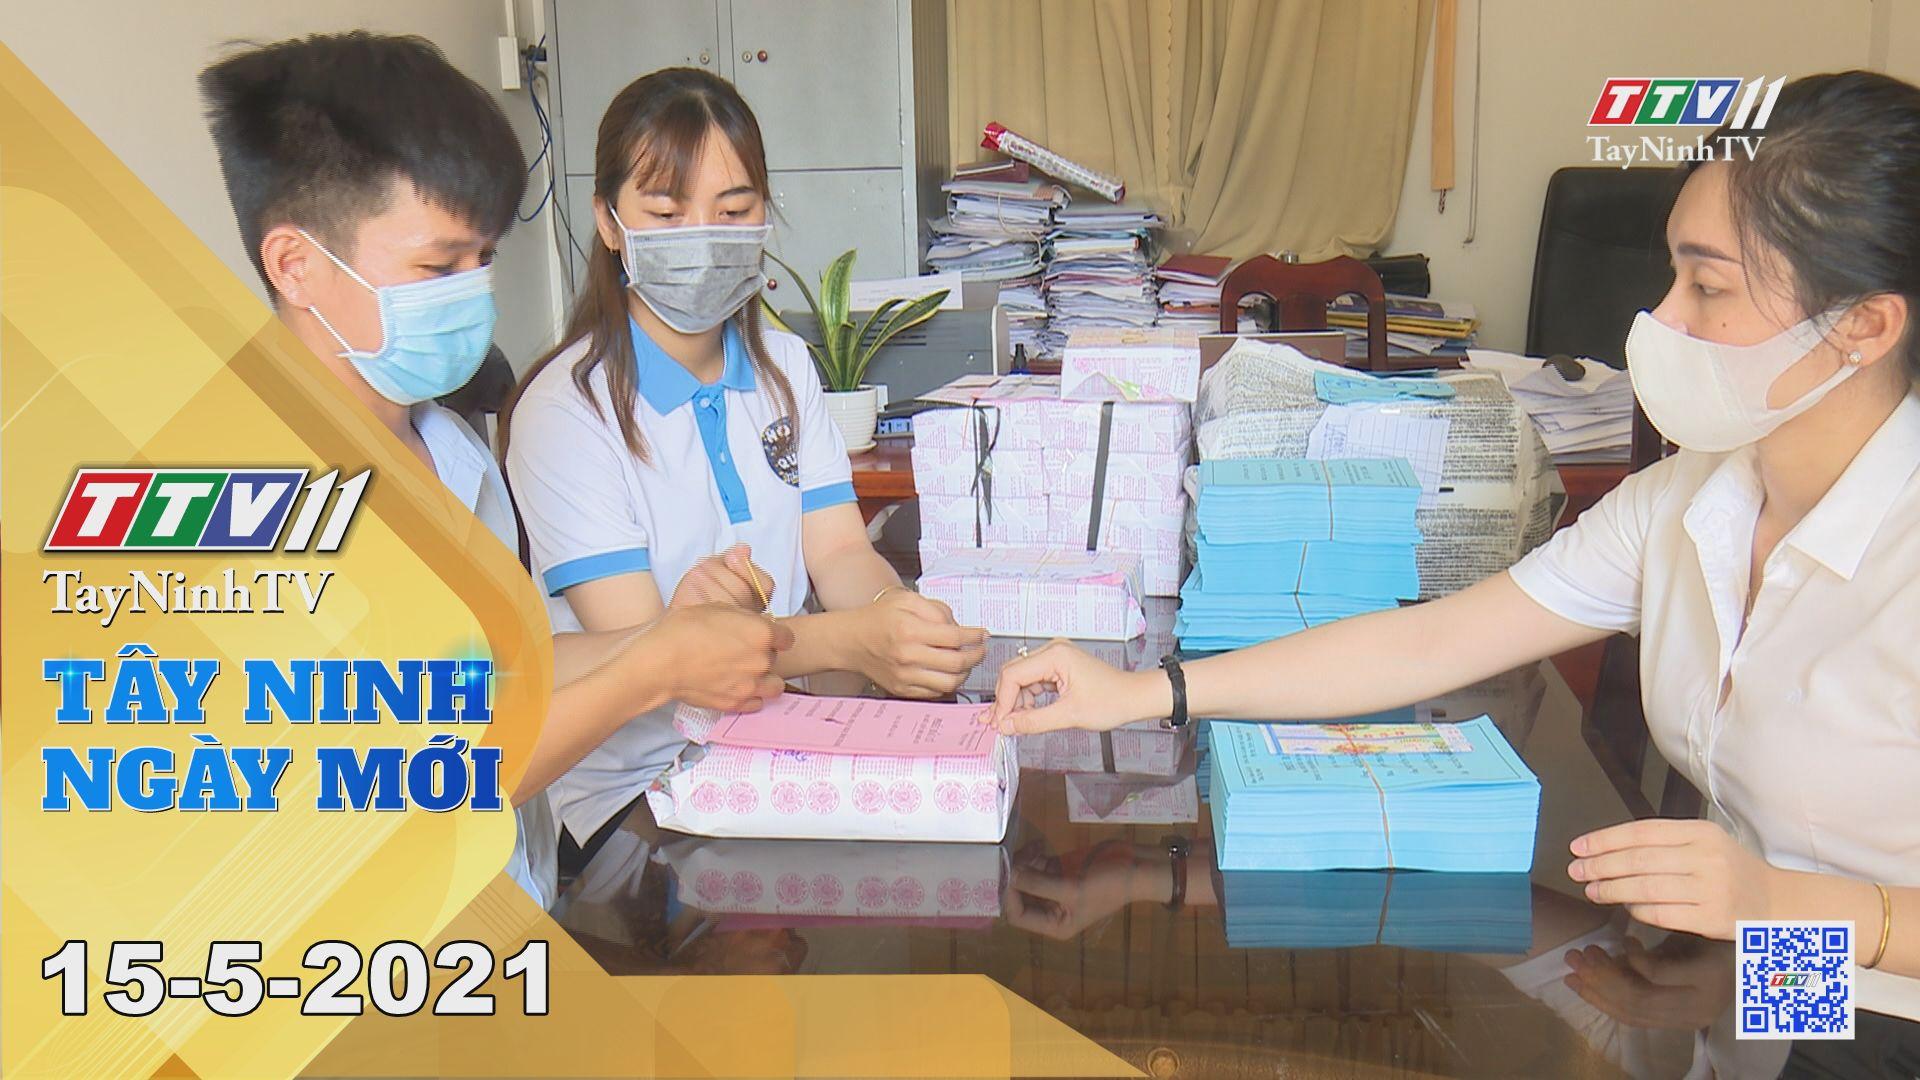 Tây Ninh Ngày Mới 15-5-2021 | Tin tức hôm nay | TayNinhTV